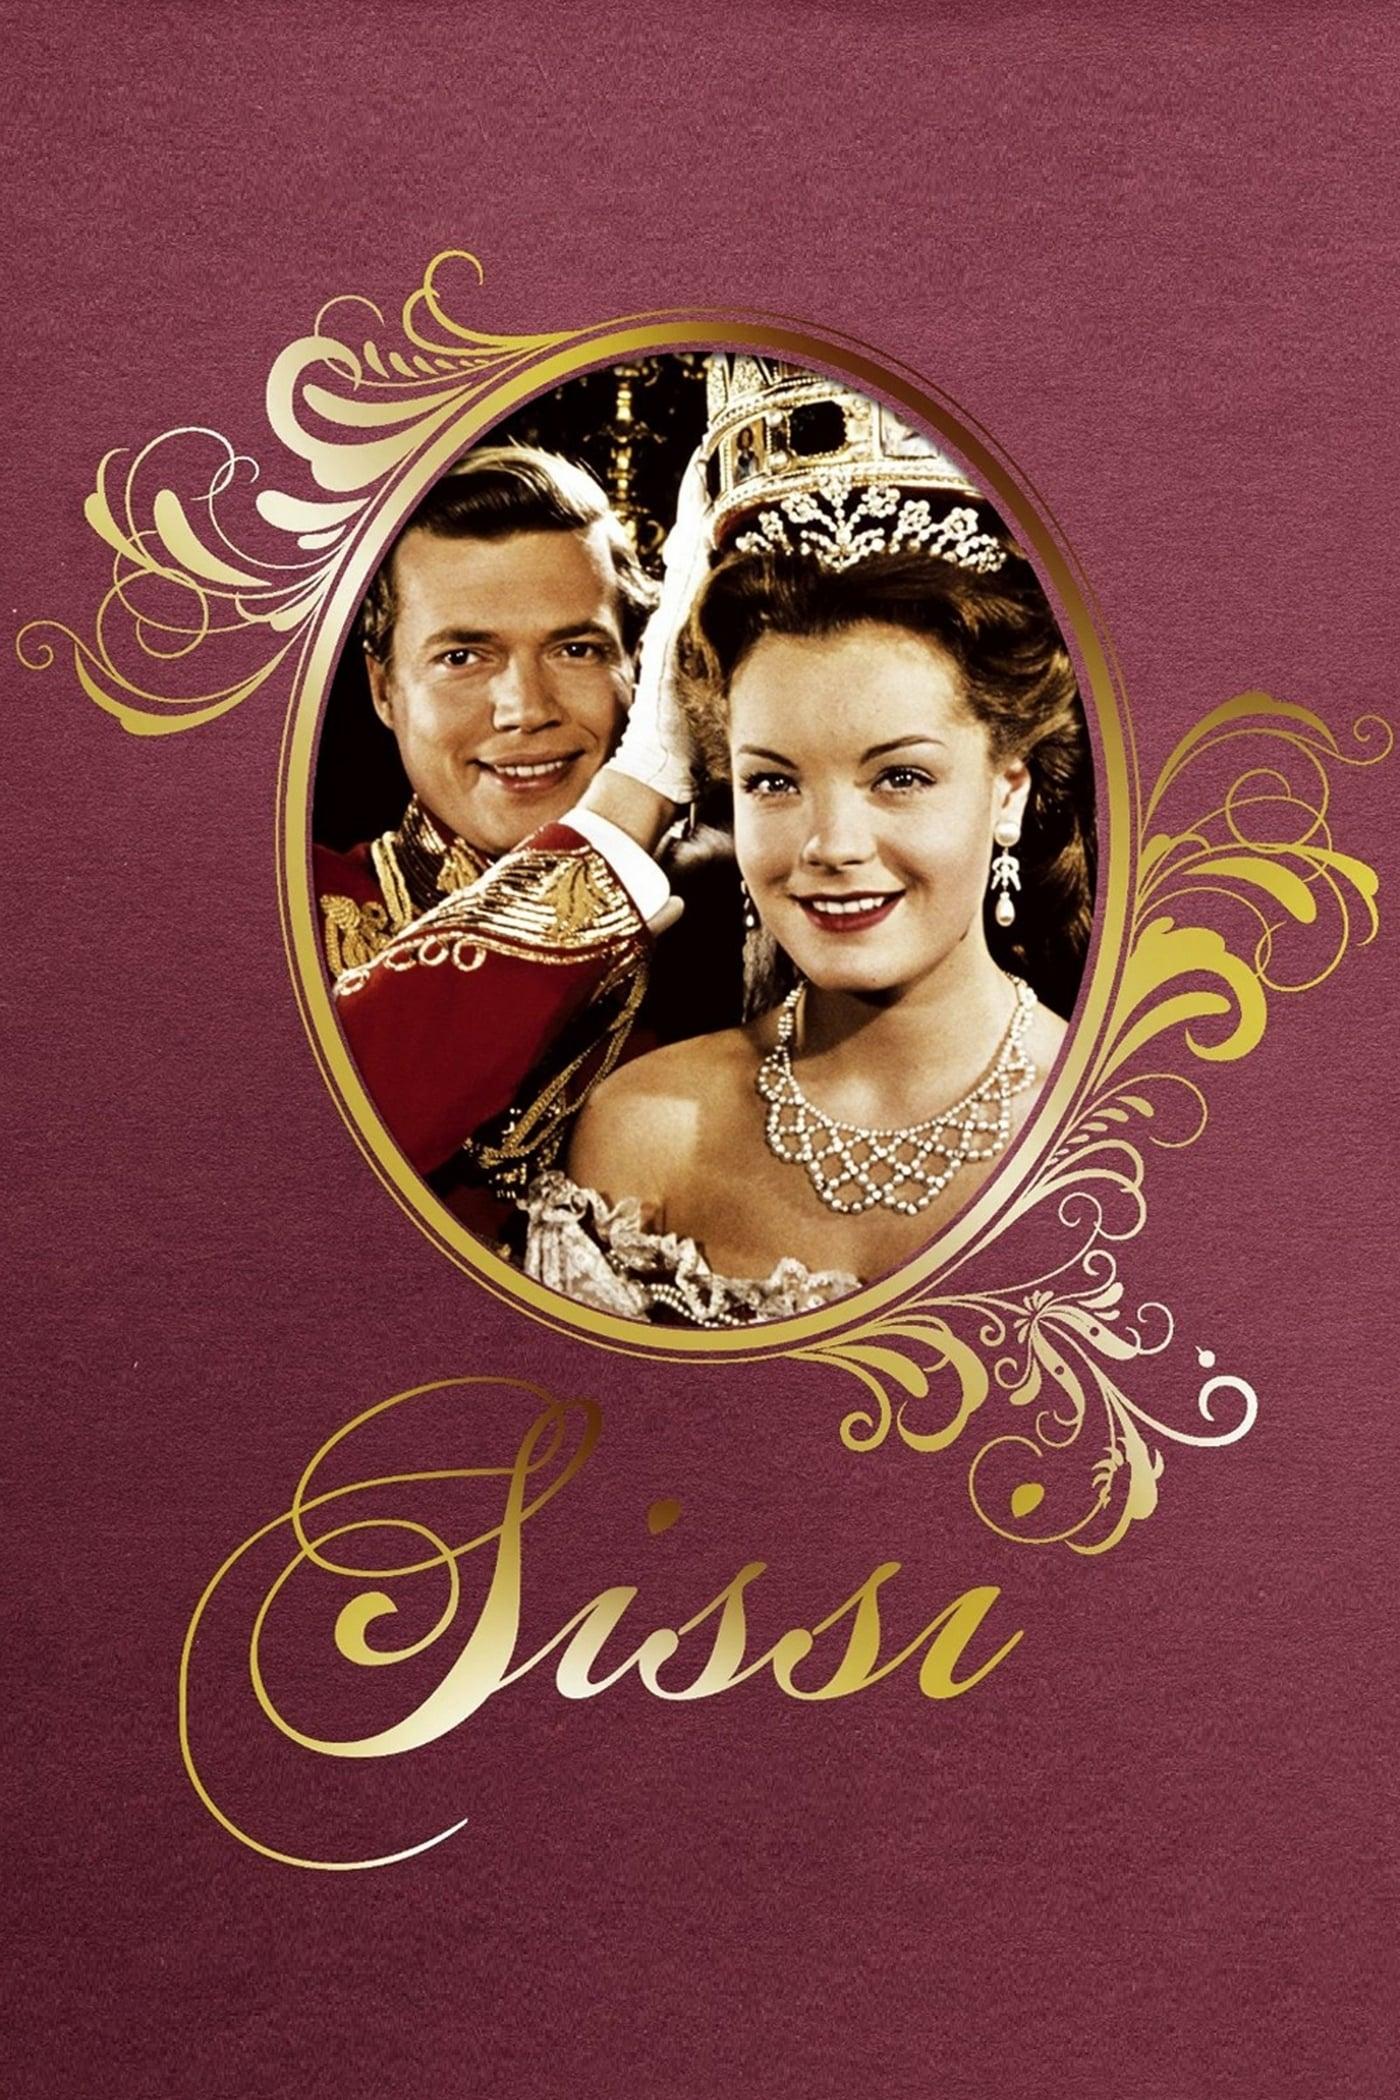 Film Printesa Sissi - Sissi - Sissi - 1955 filmesiseriale.net